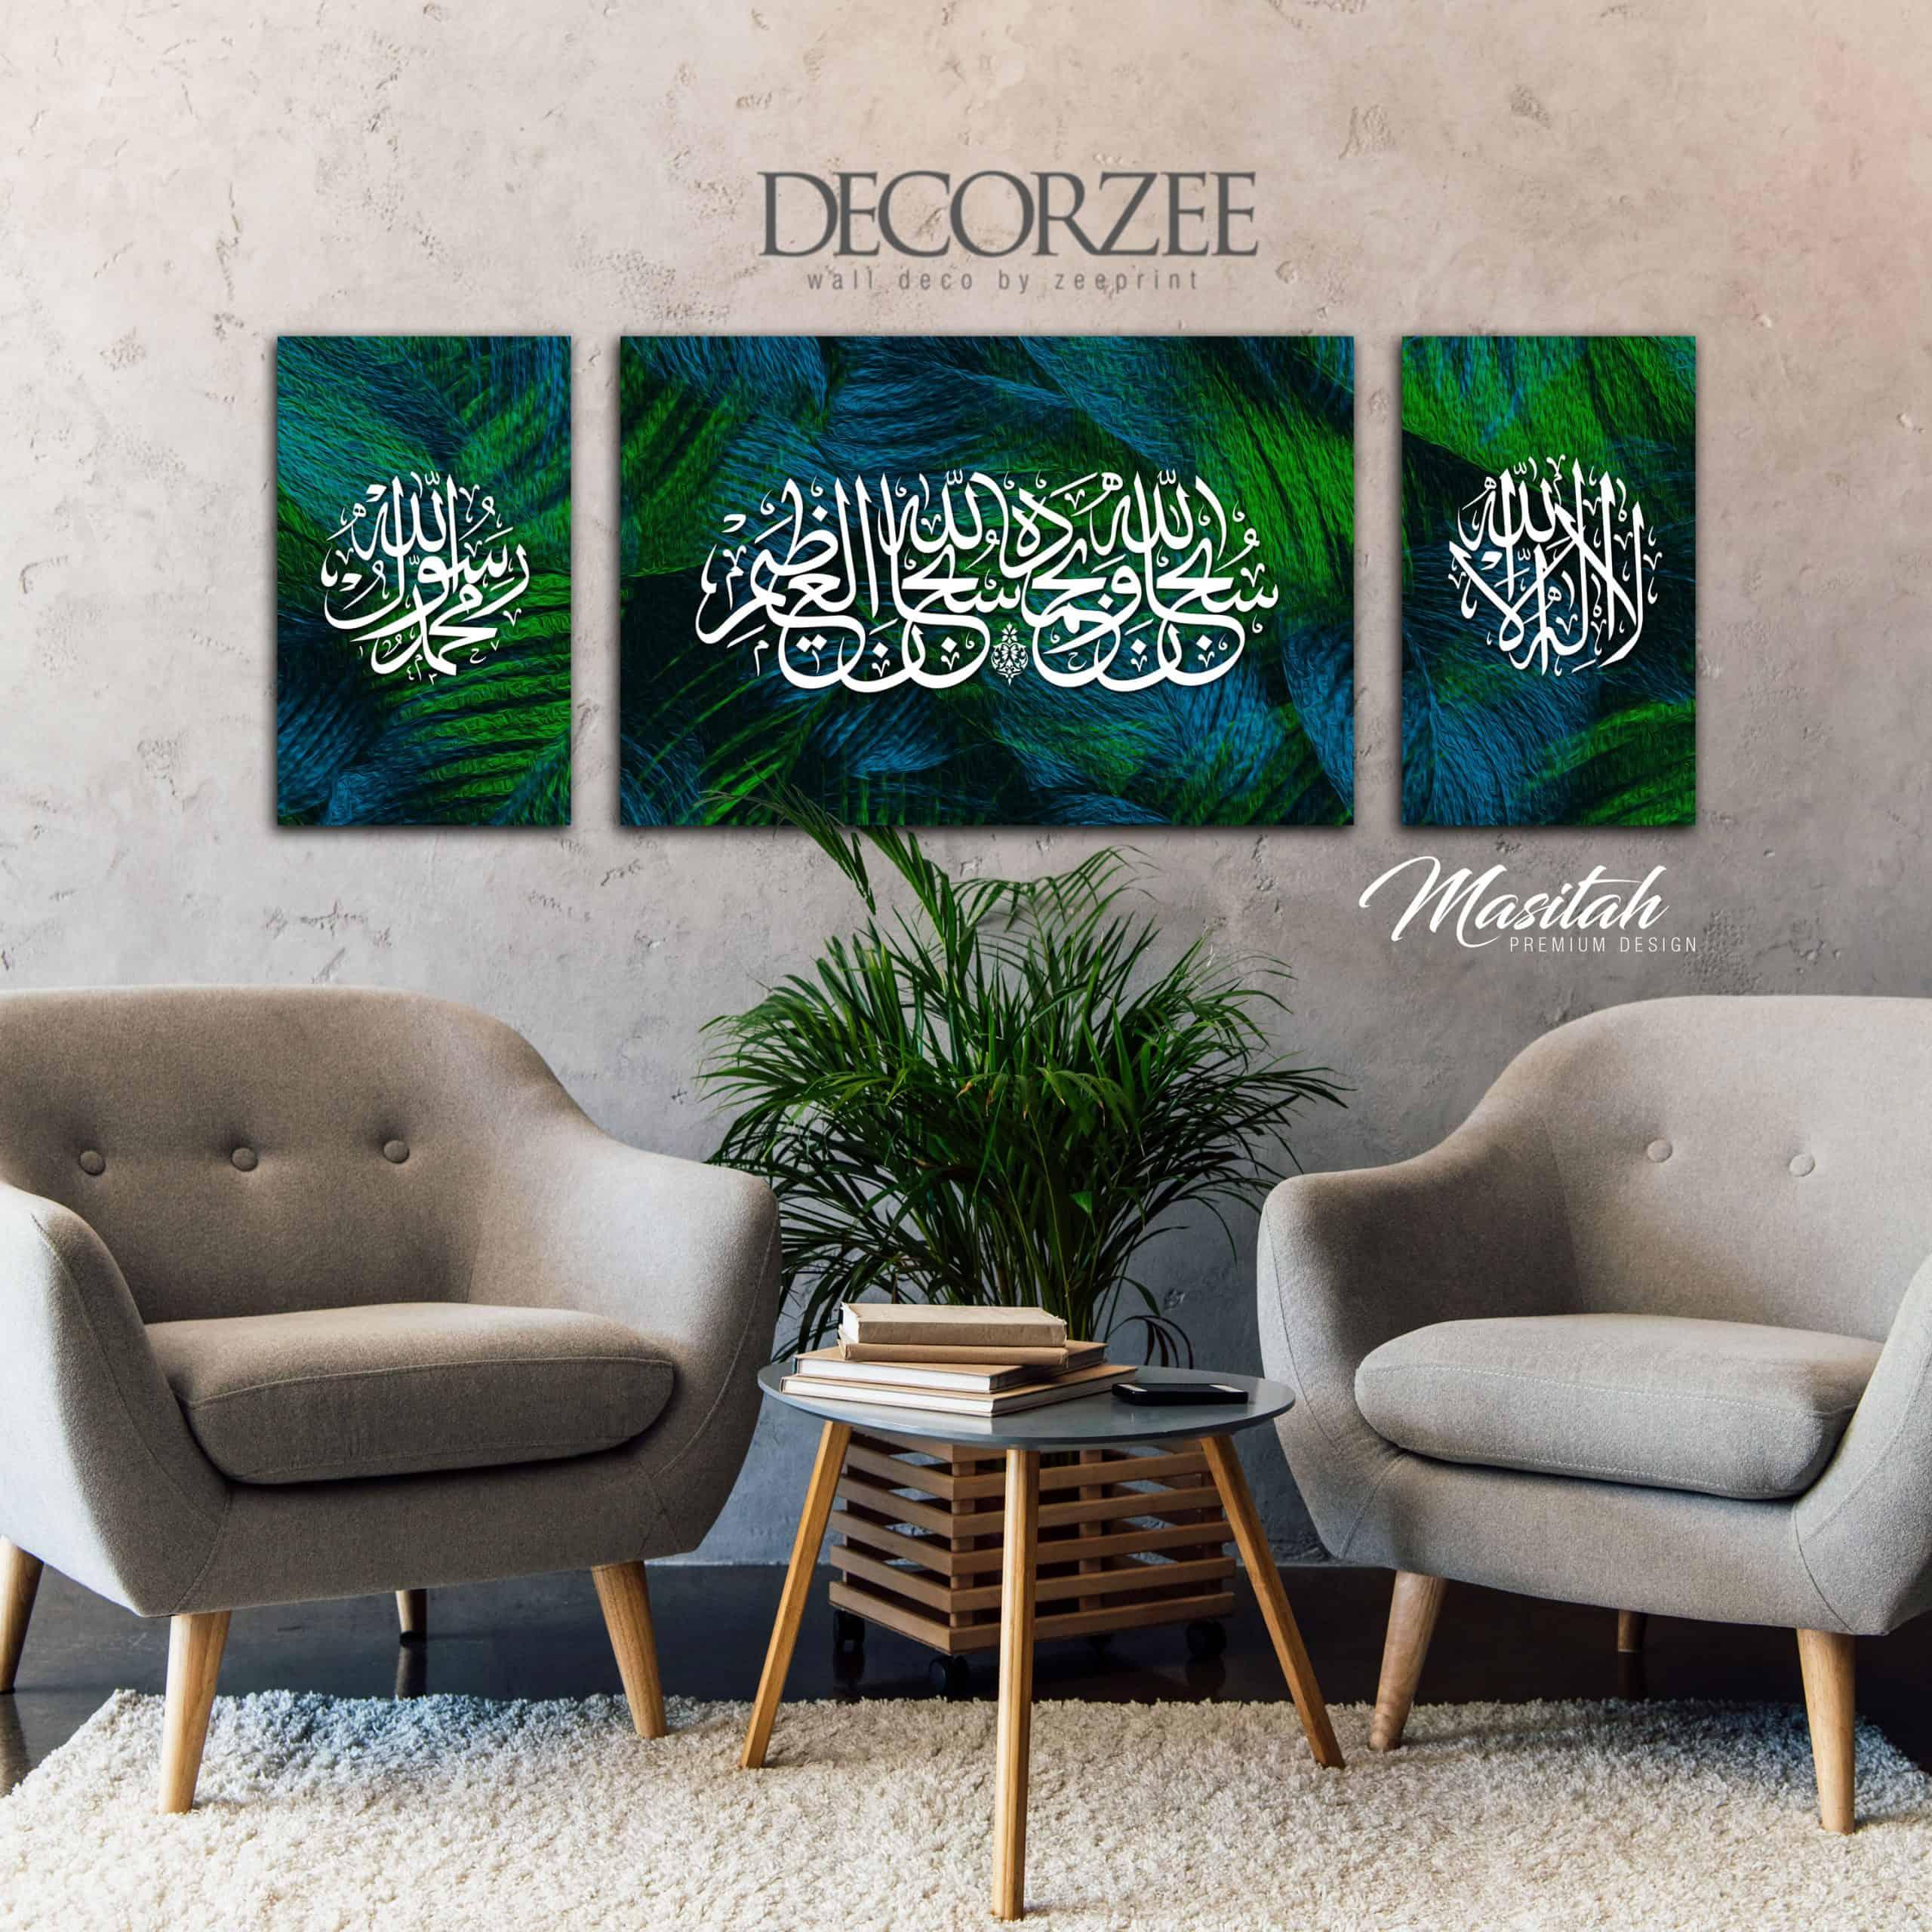 Design Masitah